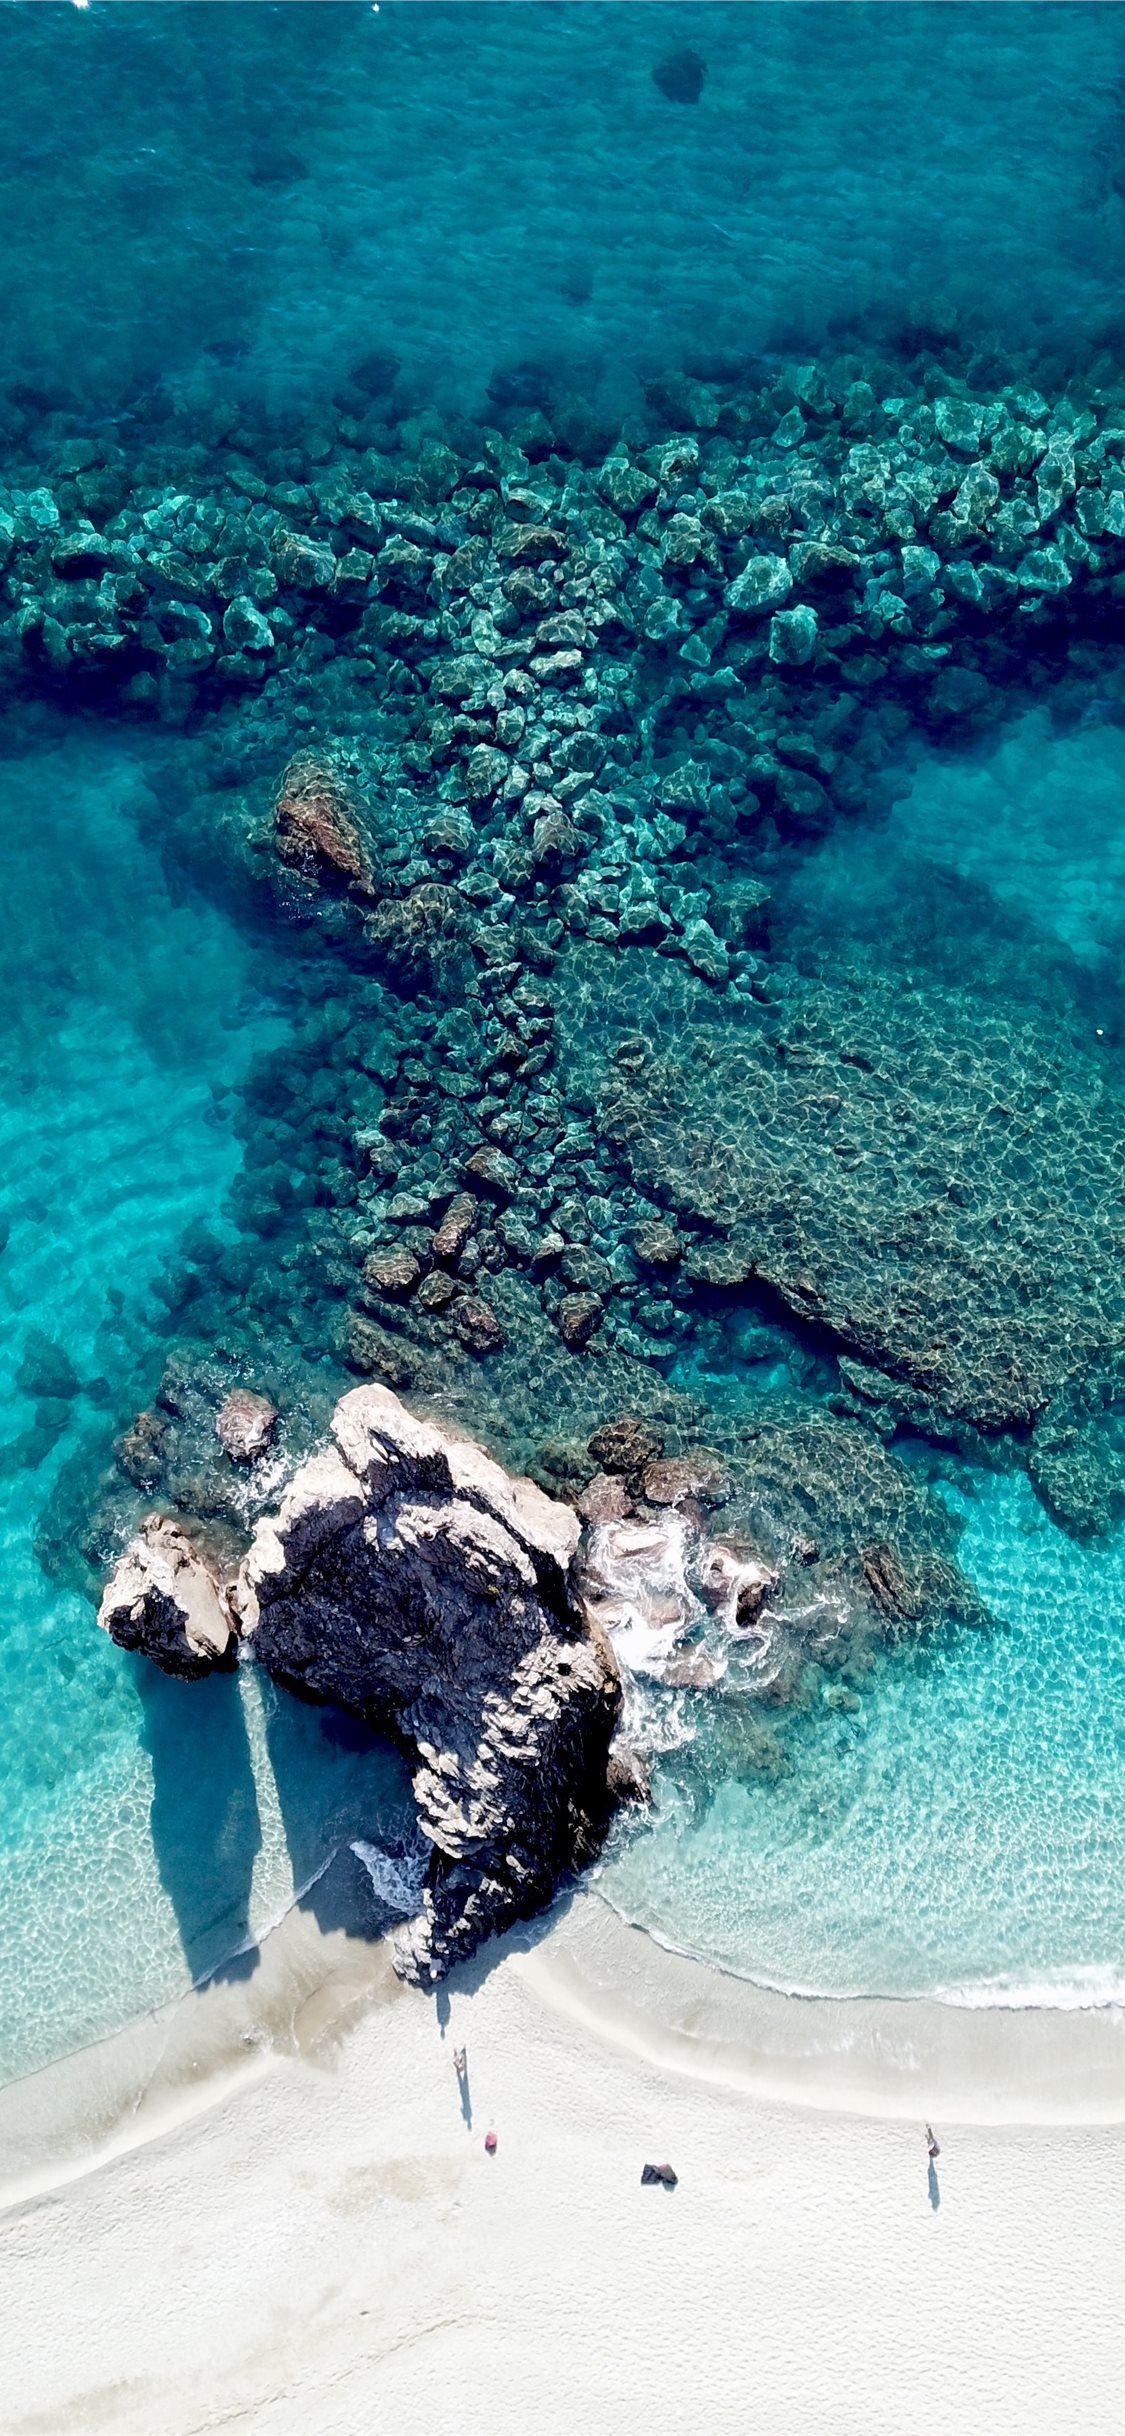 bird's eye view photography of white sand seashore water